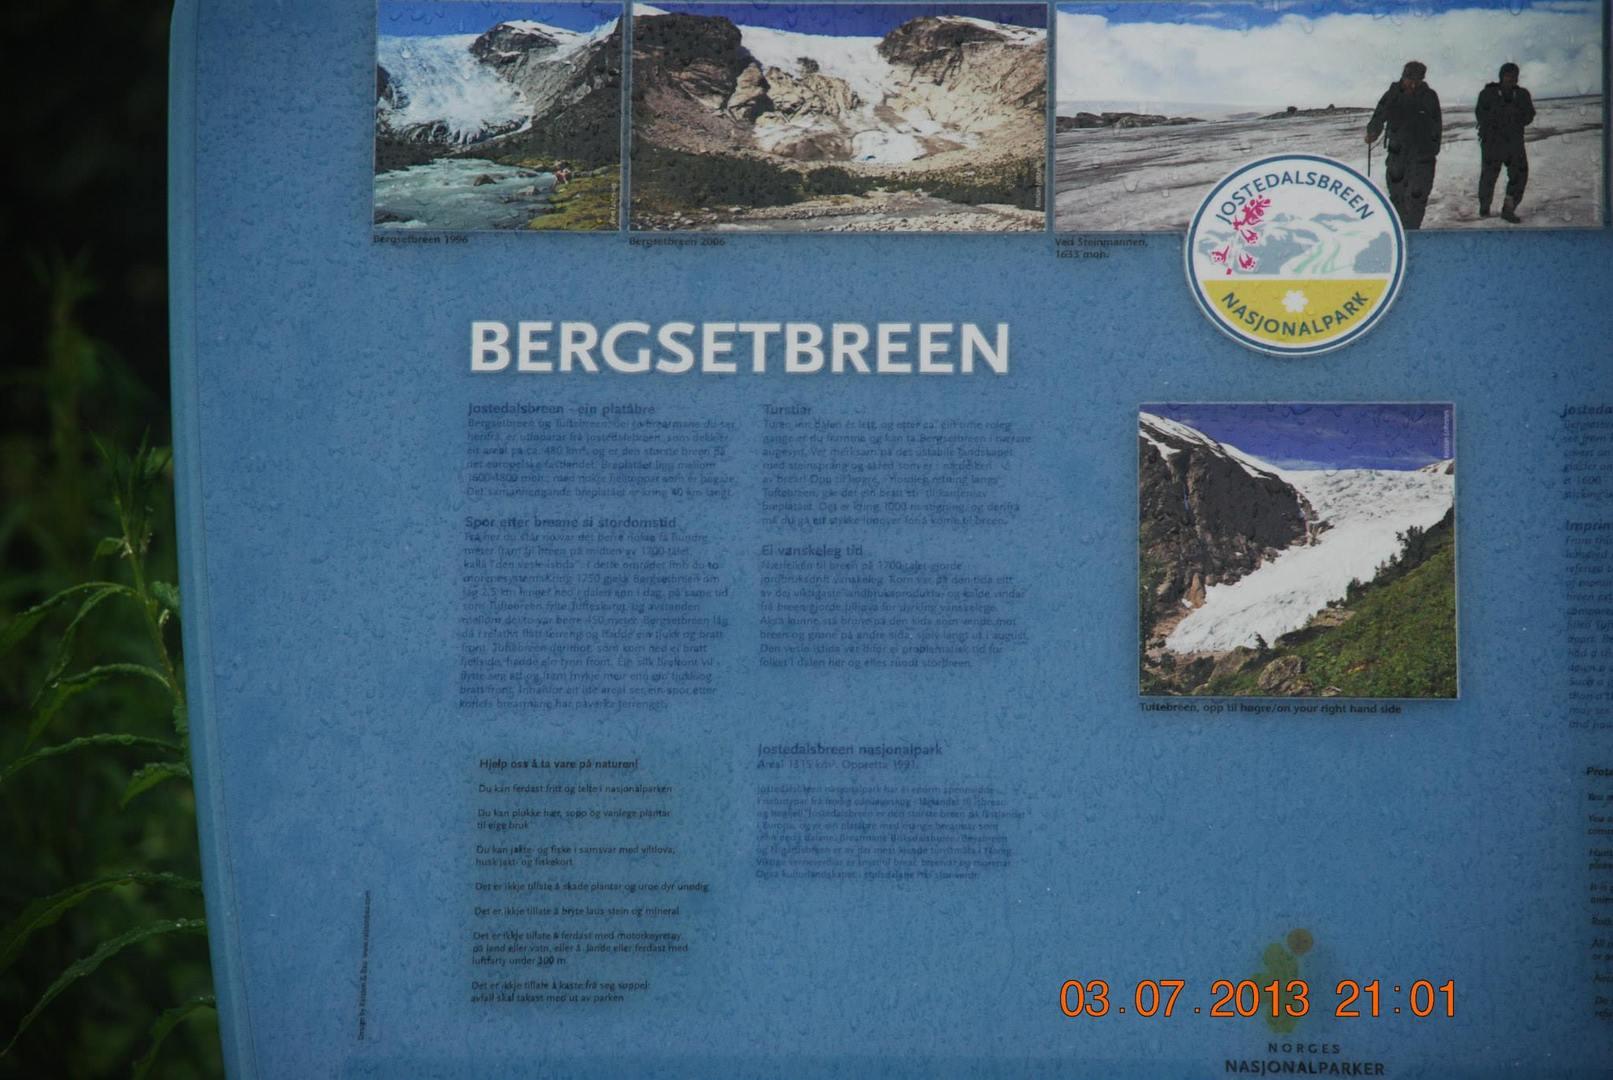 שילוט עם אינפורמציה על קרחון Bergsetbreen